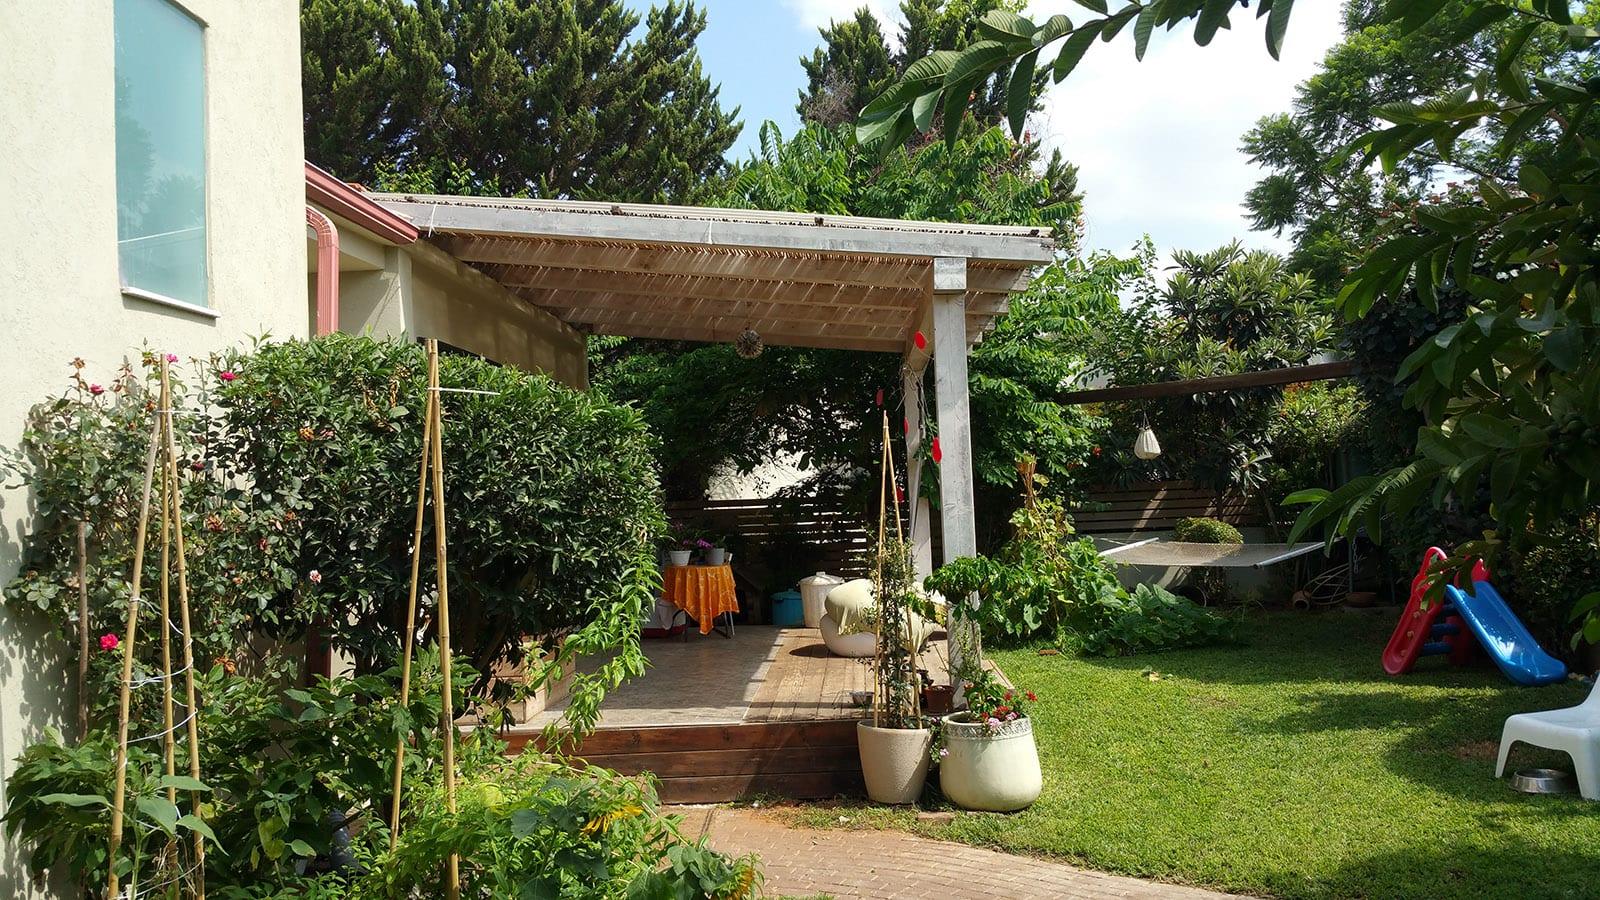 בית למכירה בקדימה בכפר על חצי דונם. בתים למכירה בקדימה